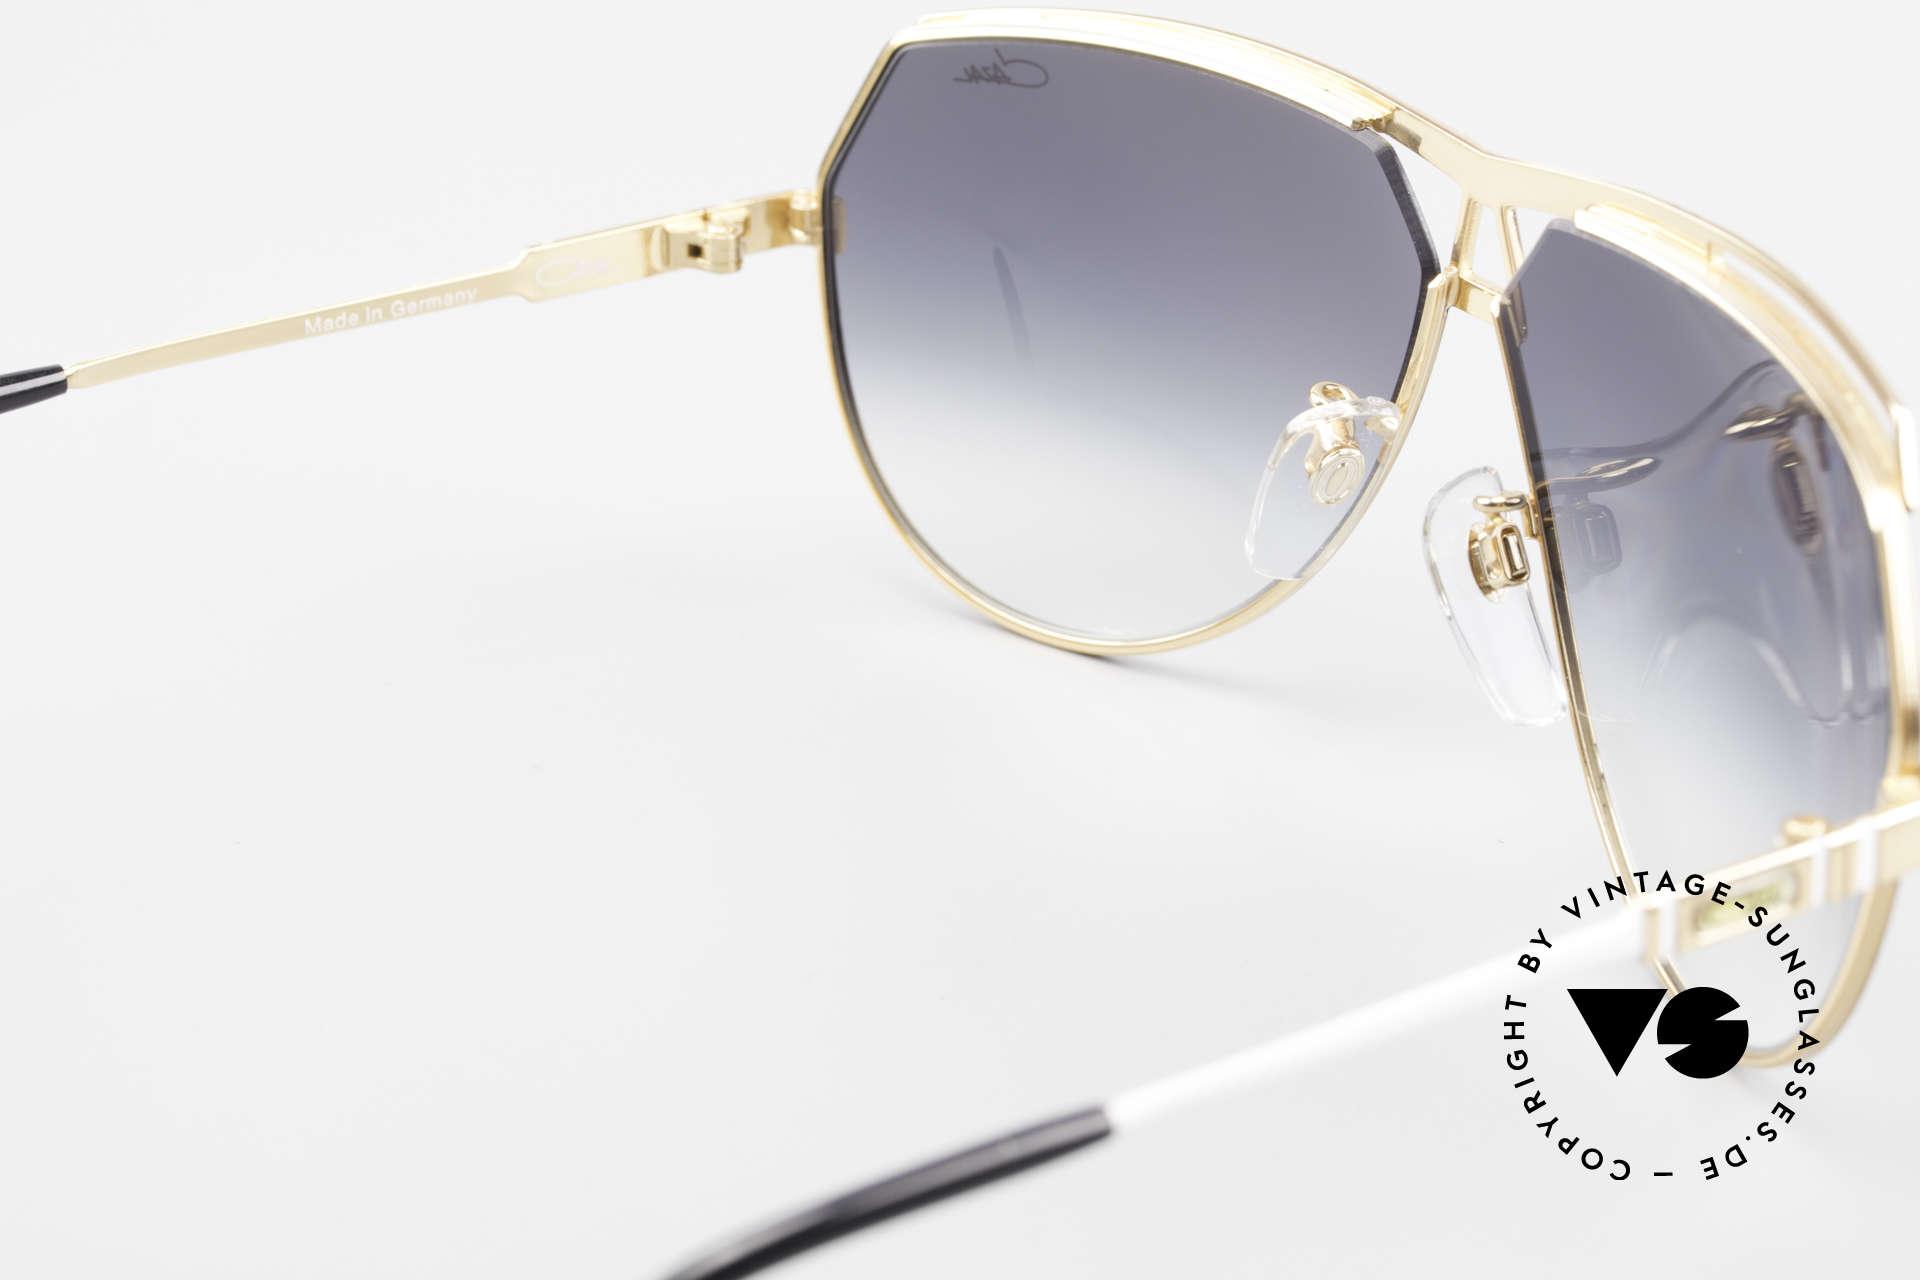 Cazal 954 Vintage Designer Sonnenbrille, eine XXL vintage Sonnenbrille, da 145mm Rahmenbreite, Passend für Herren und Damen